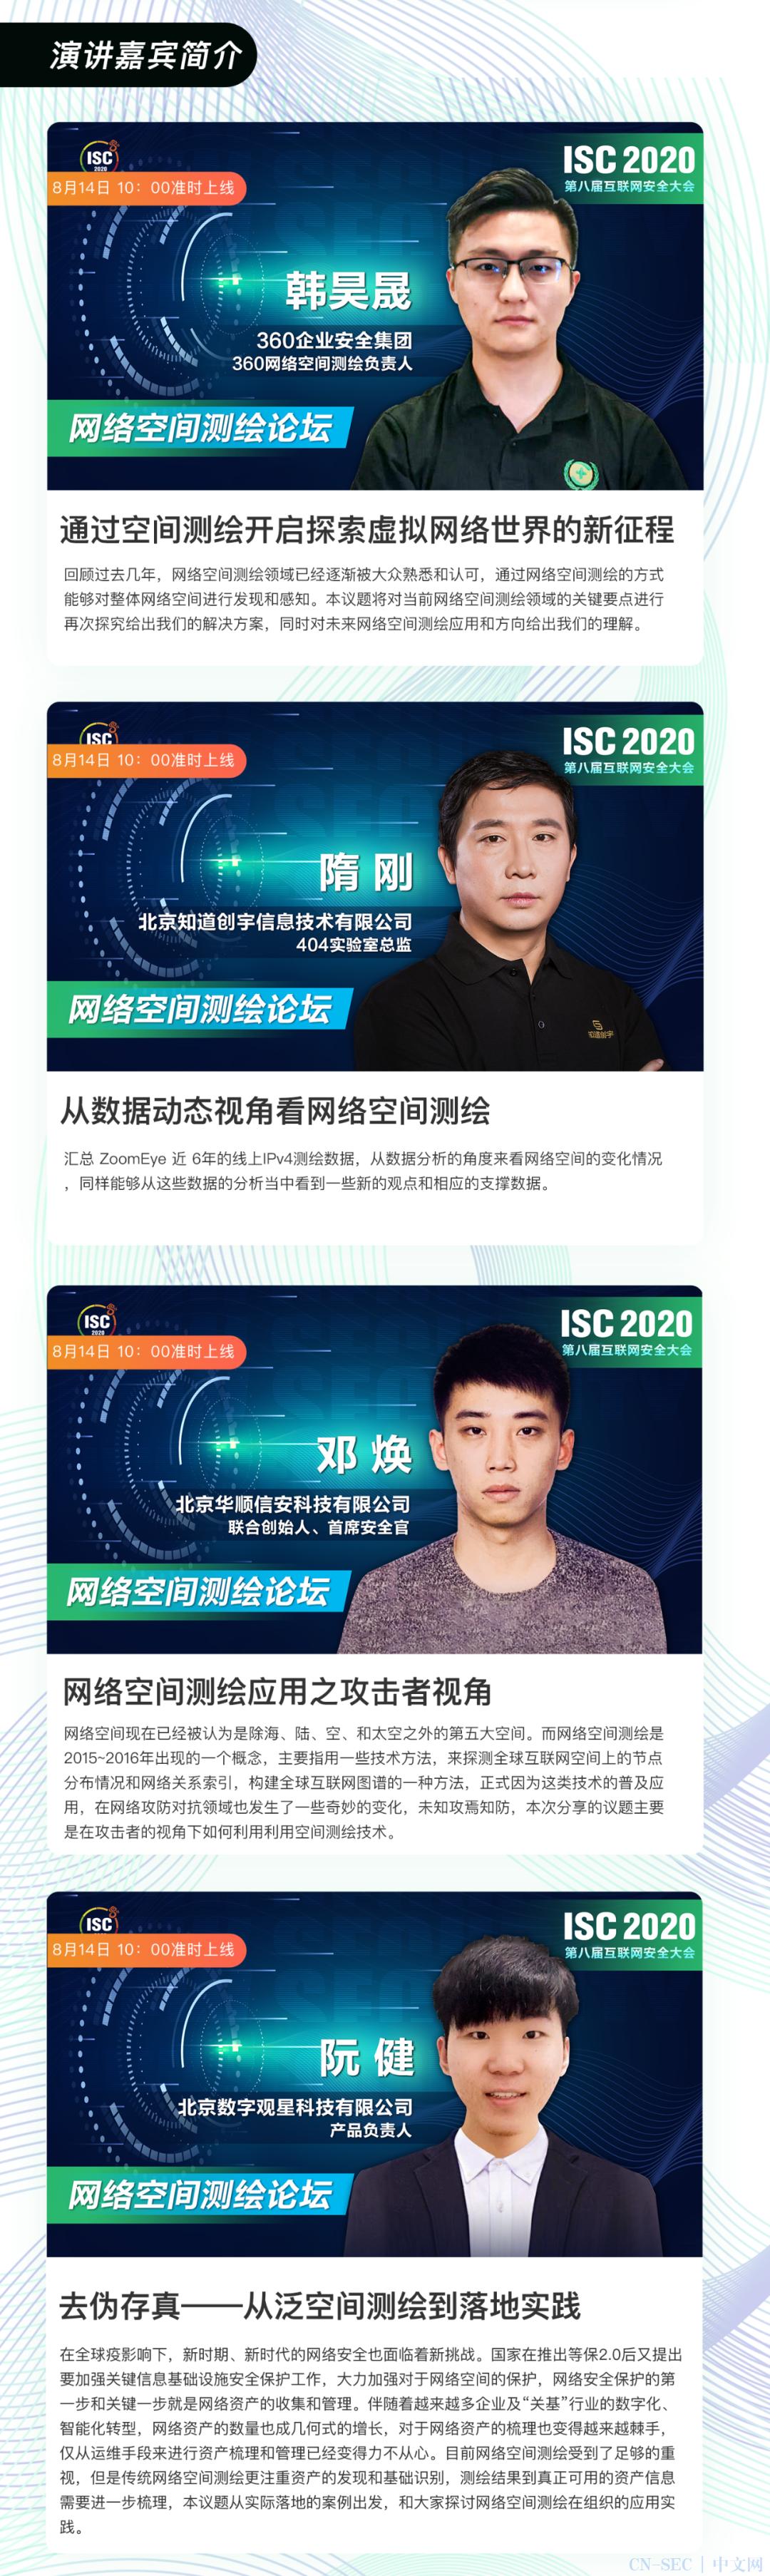 【即将上线】ISC 2020网络空间测绘论坛:关注数字时代资产威胁与安全